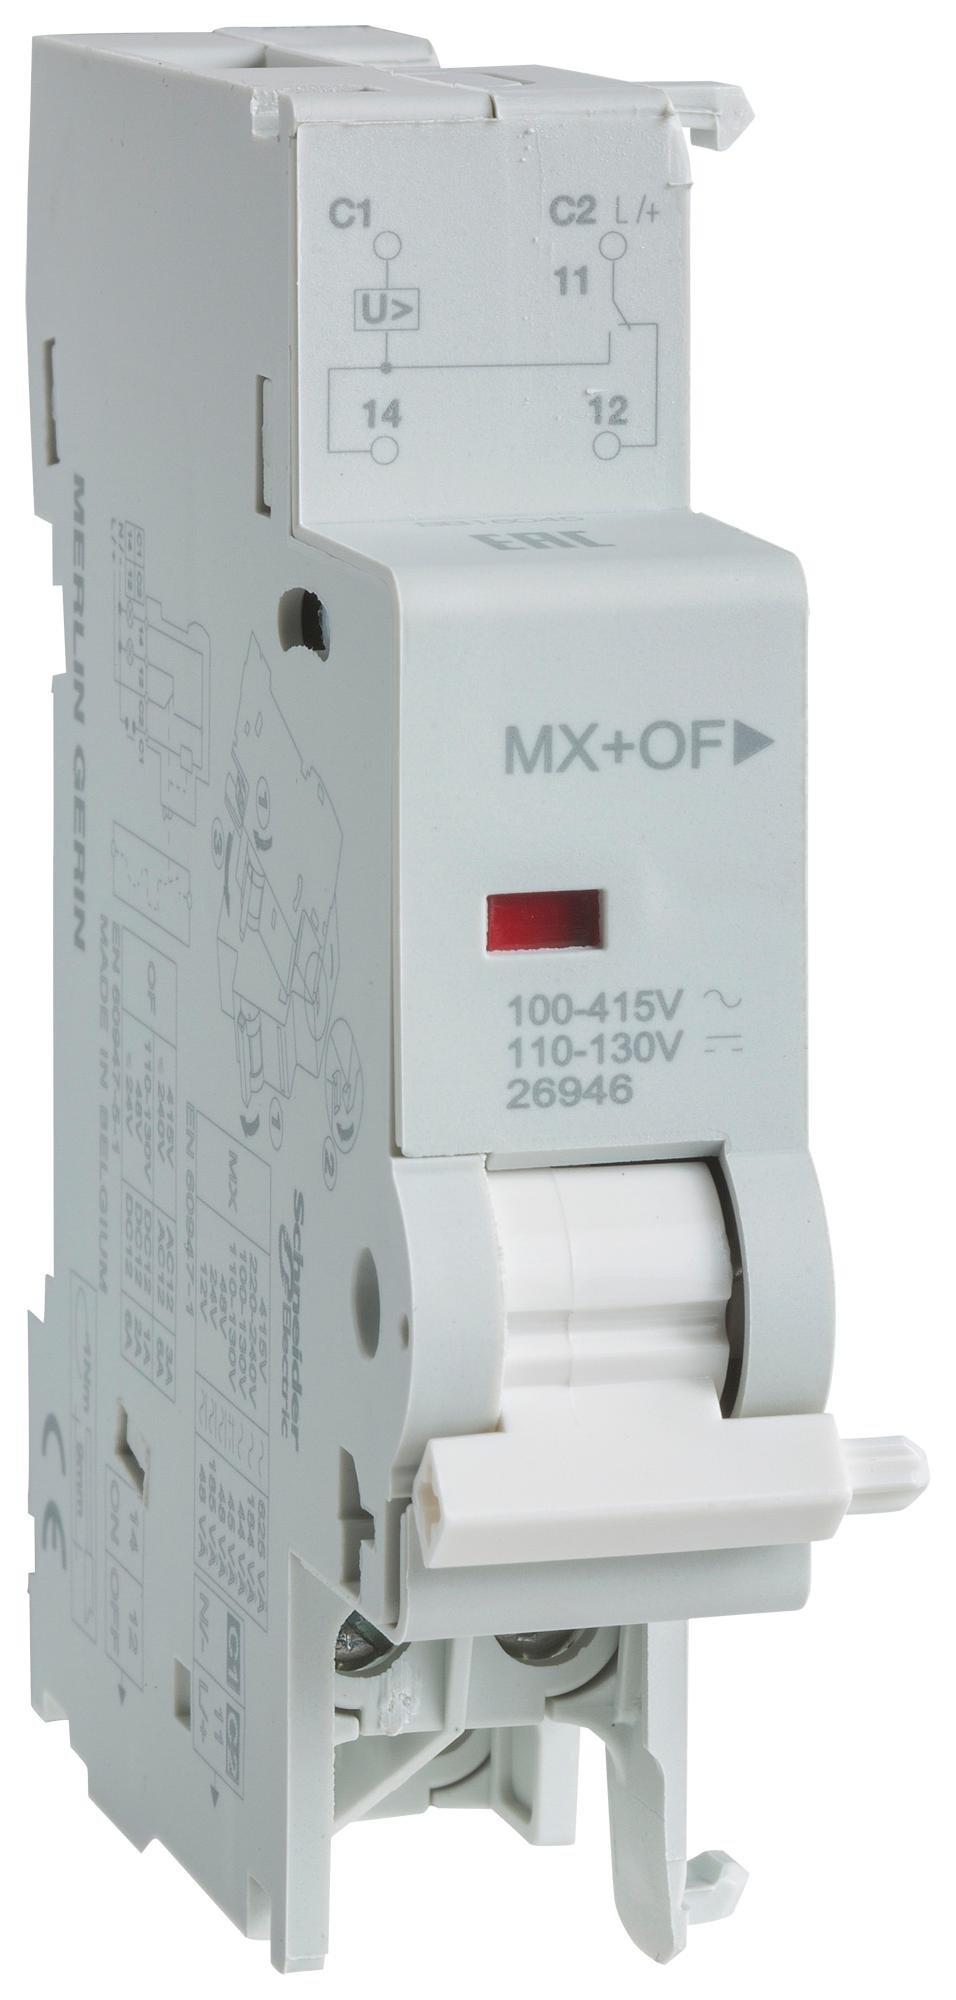 M9A26948 - Circuit Breaker Accessory, Schneider Multi 9 Series Miniature Circuit Breakers (M9A26948)